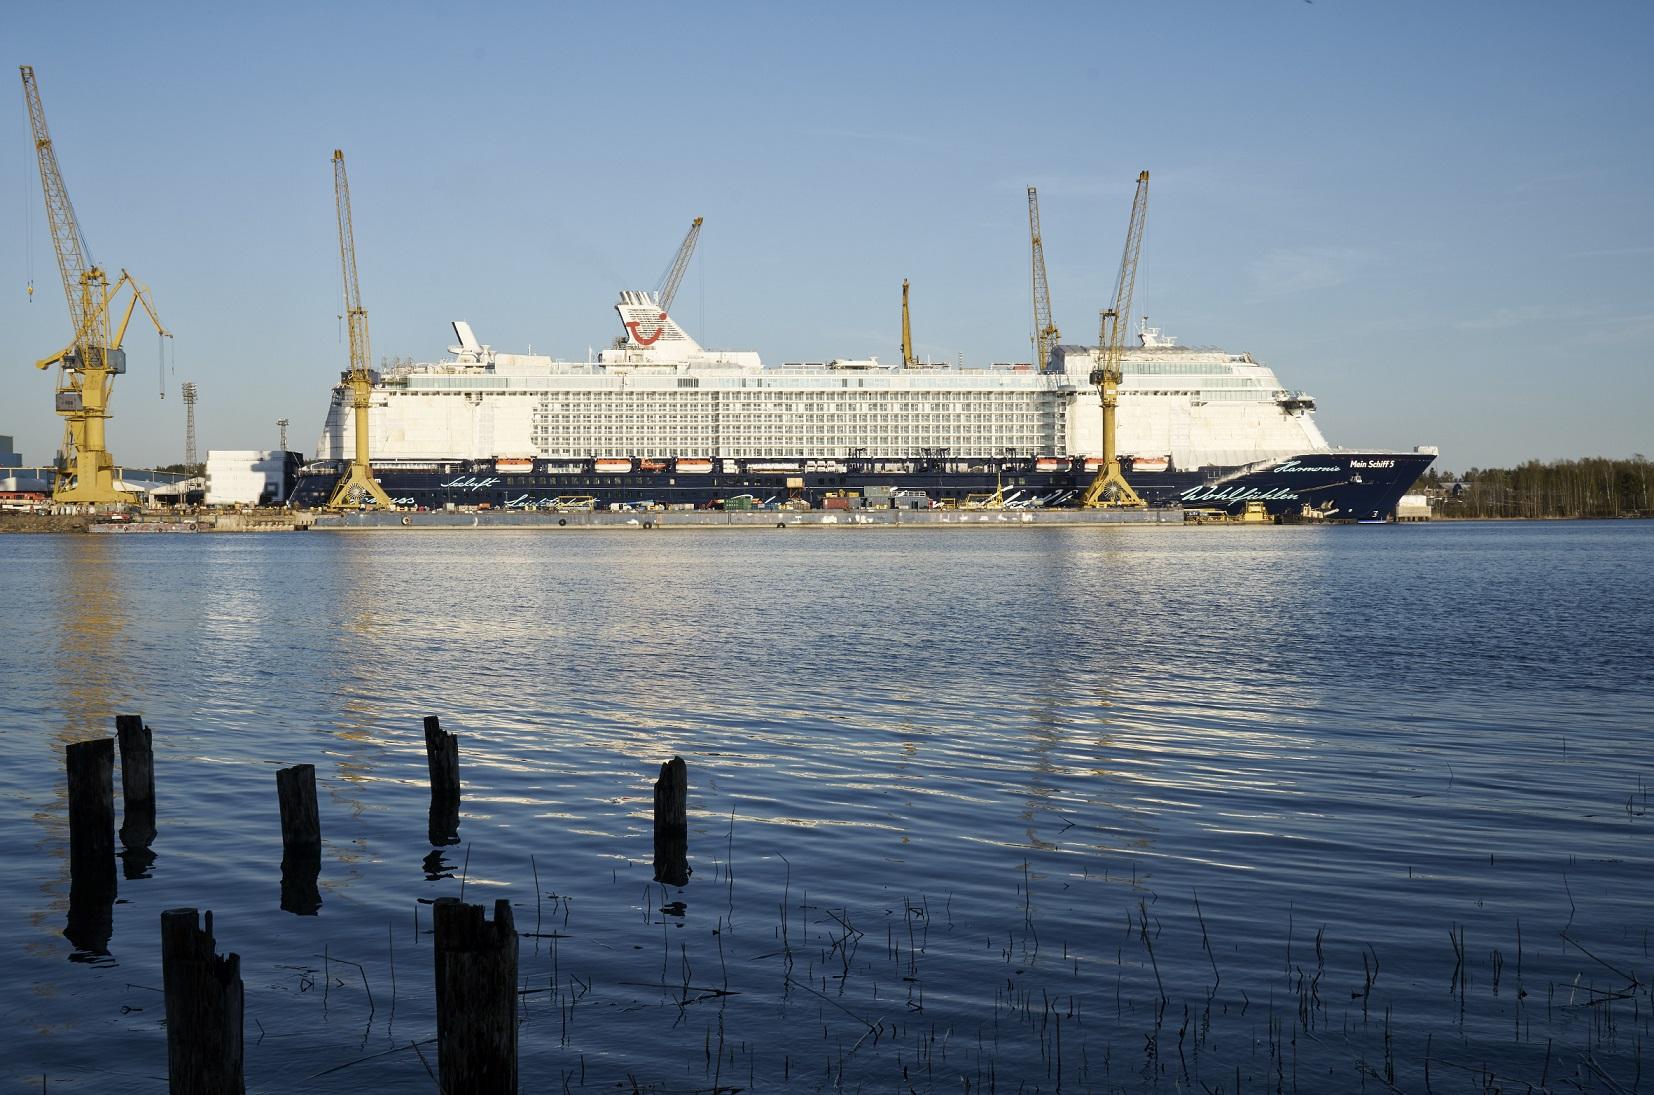 Die Mein Schiff 5 in Finnland kurz vor Bauende